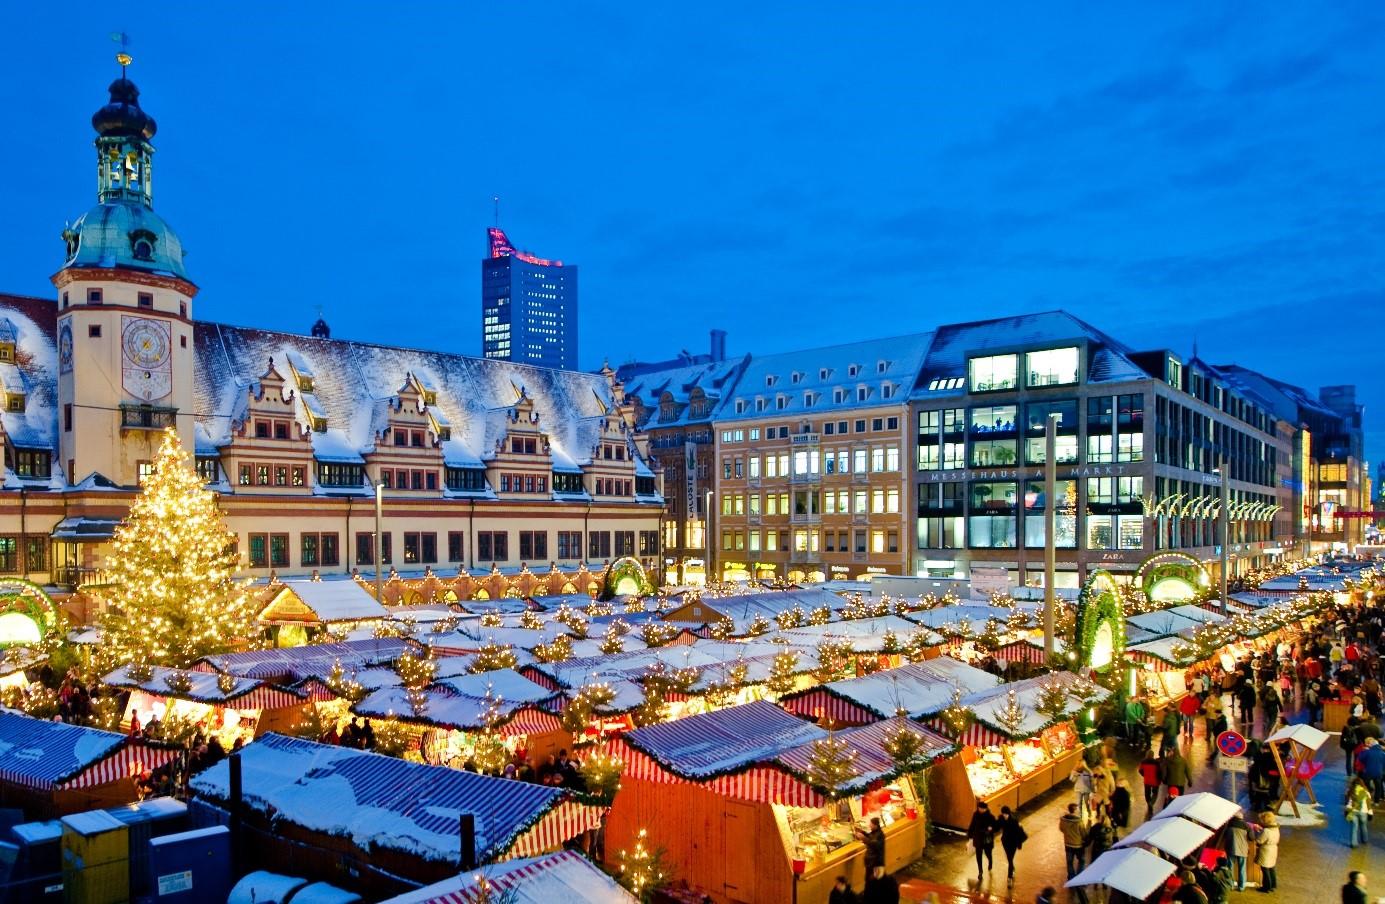 Weihnachtsmarkt in Leipzig.  Copyright: Dirk Brzoska